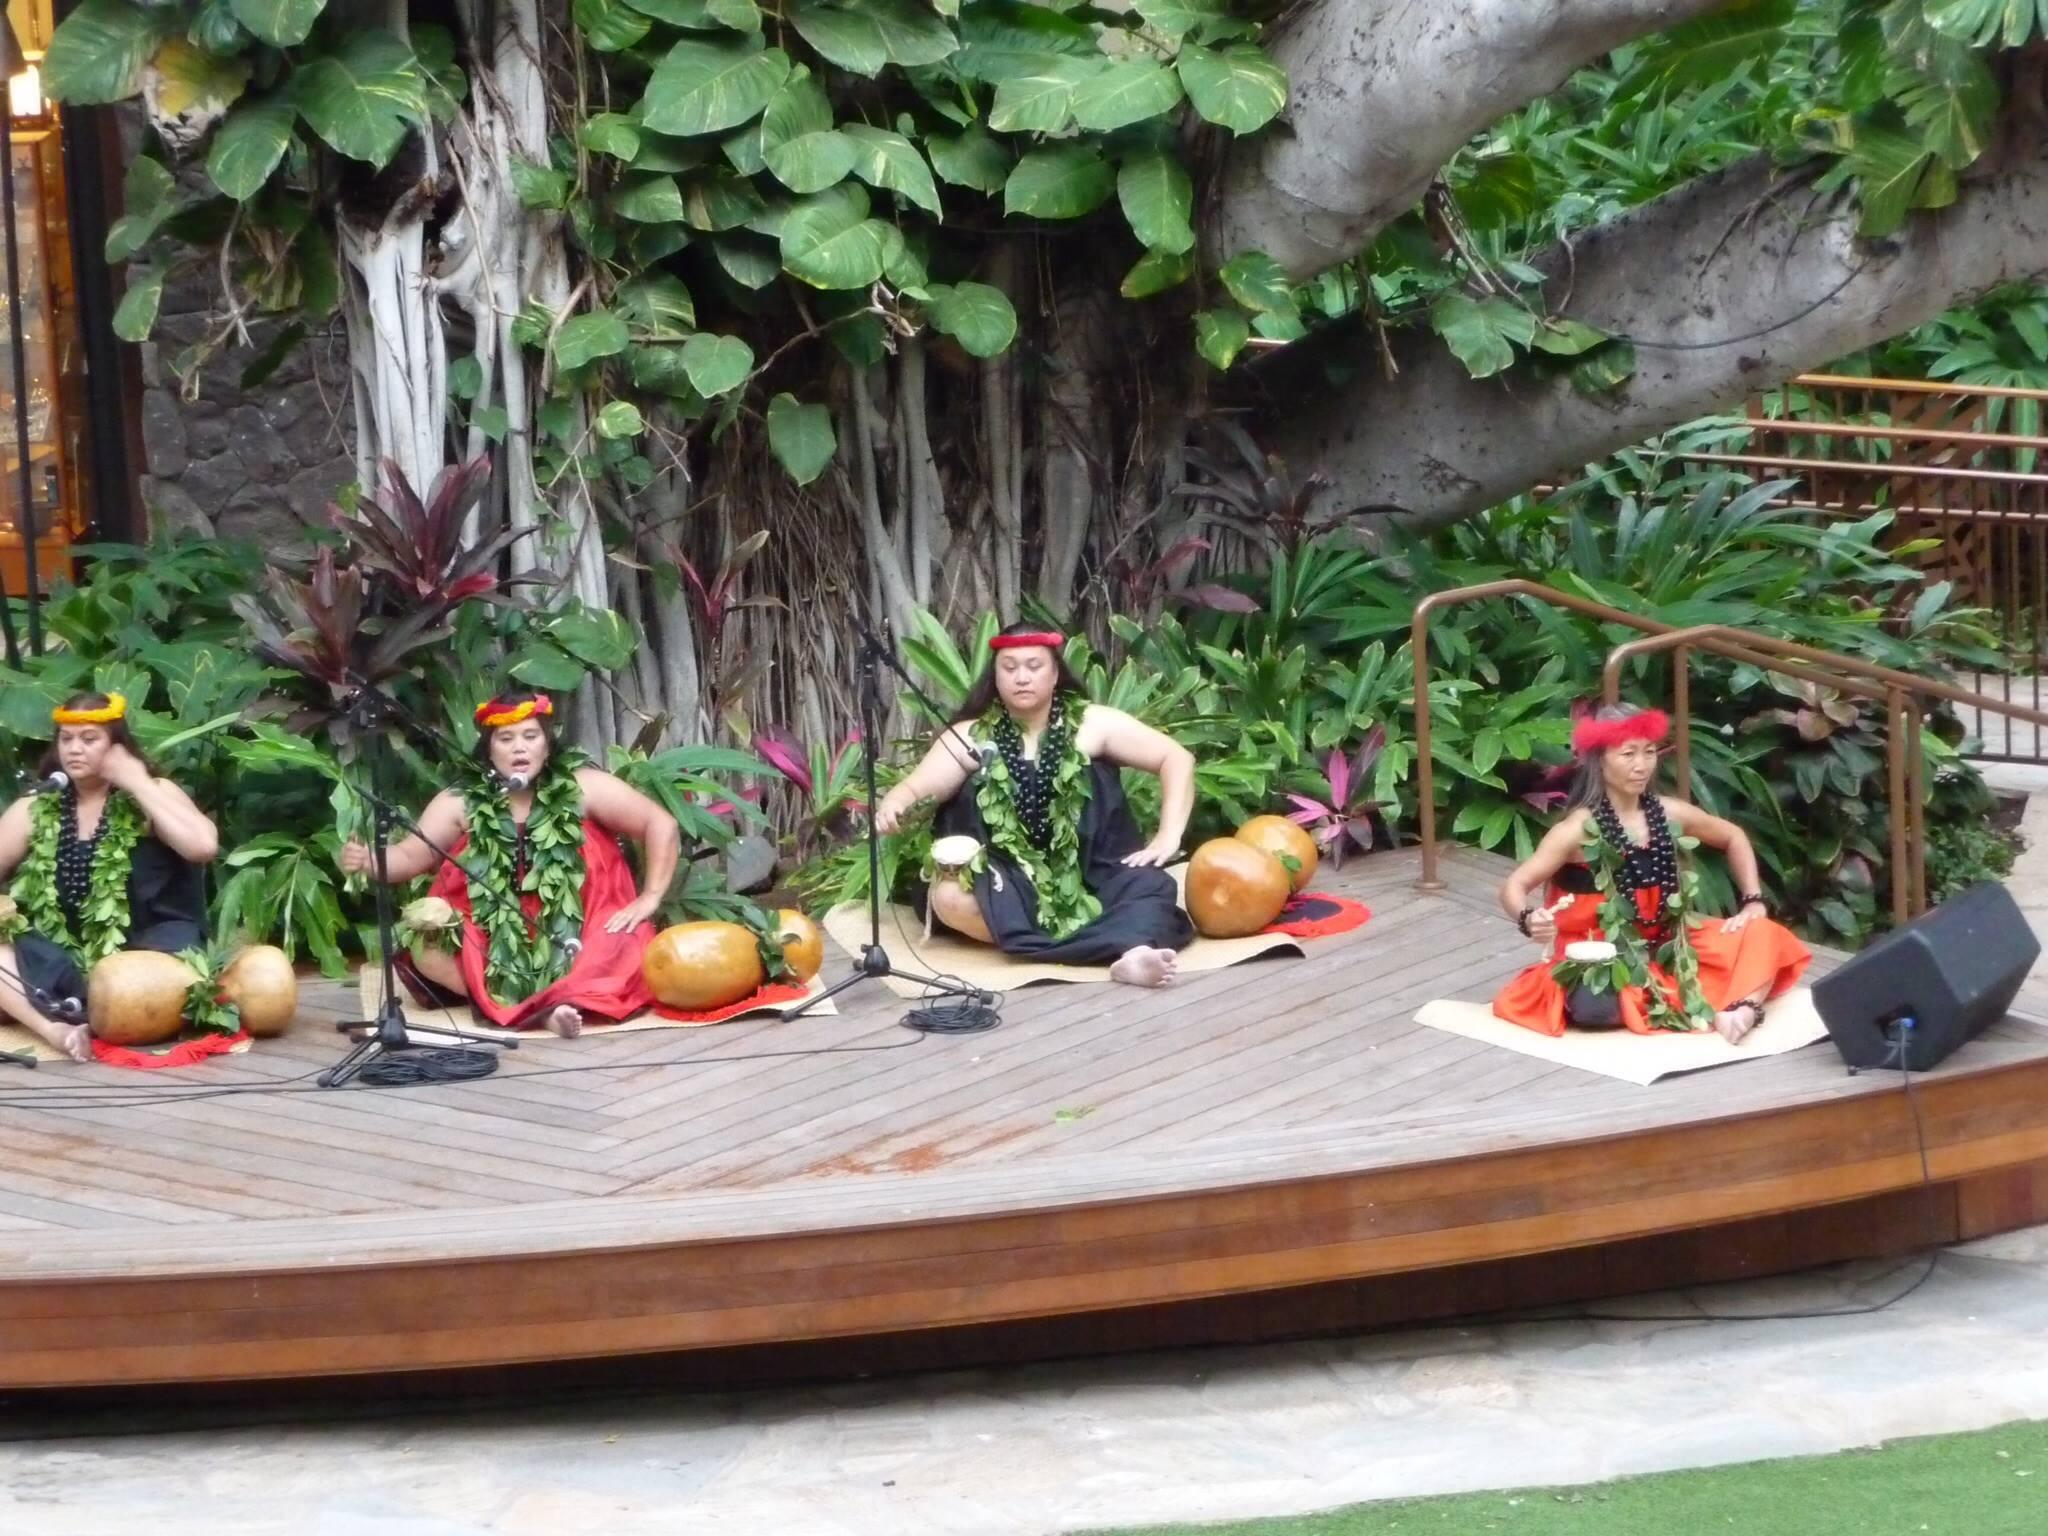 Vi racconto un po' della danza hawaiana: la Hula